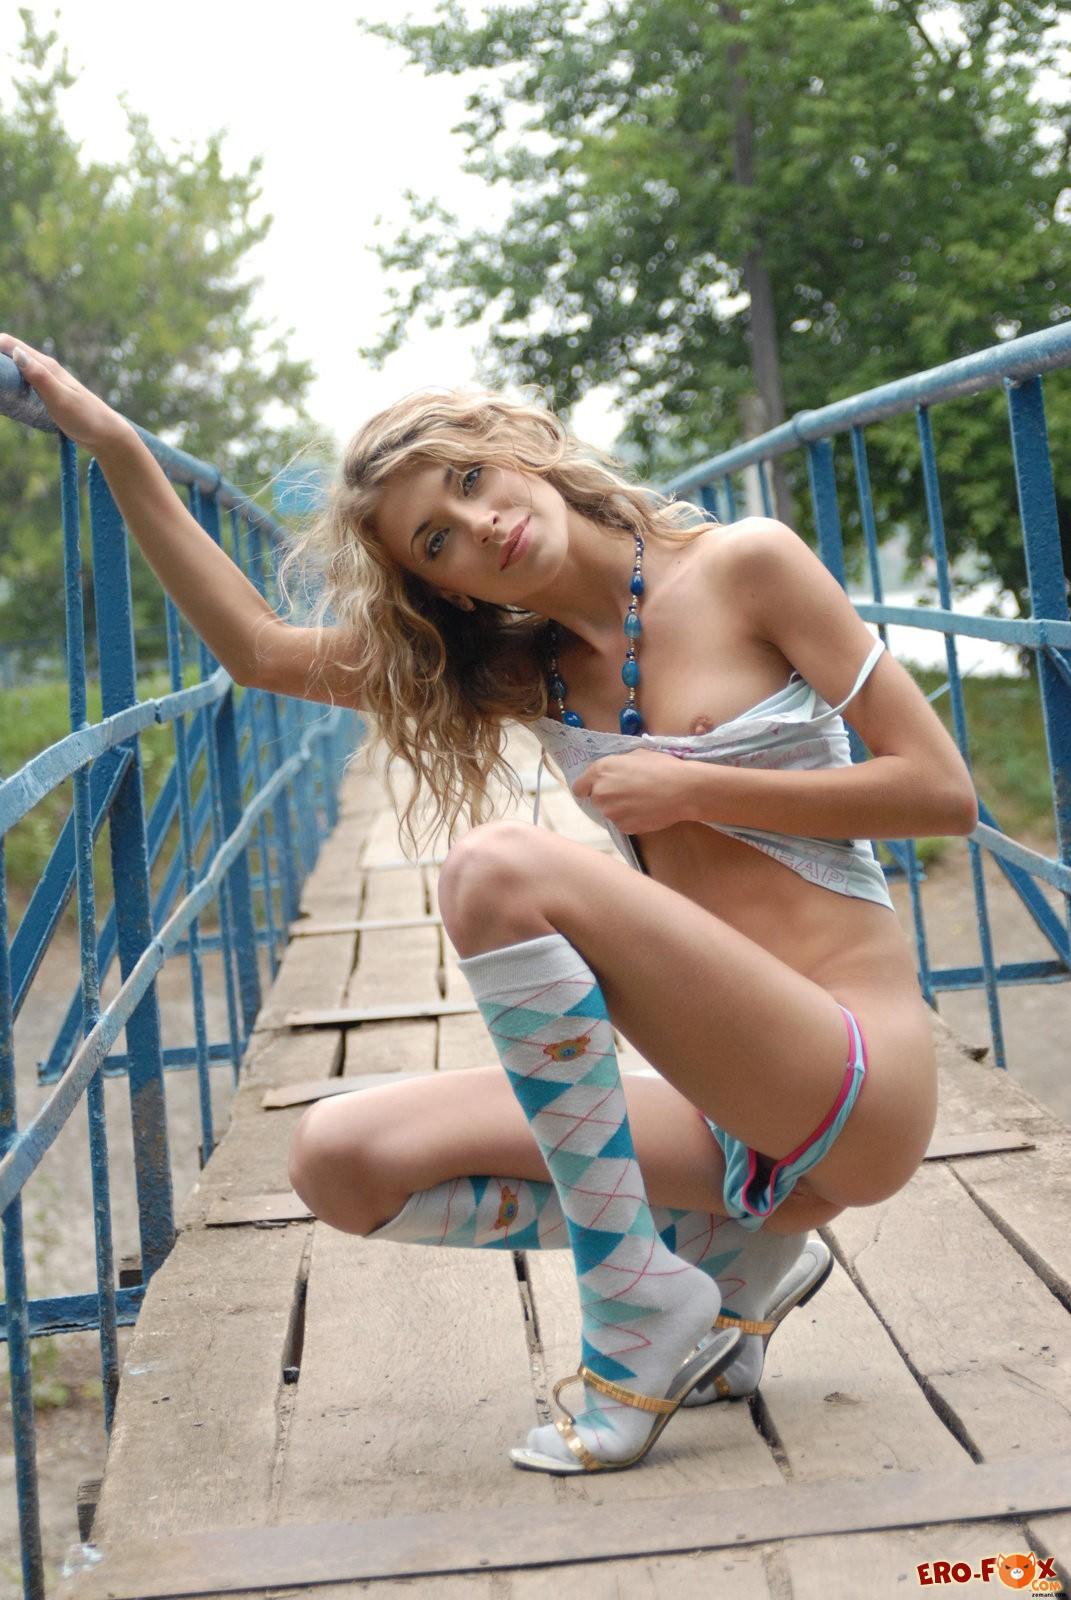 Девушка в майке и трусиках раздевается на мосту